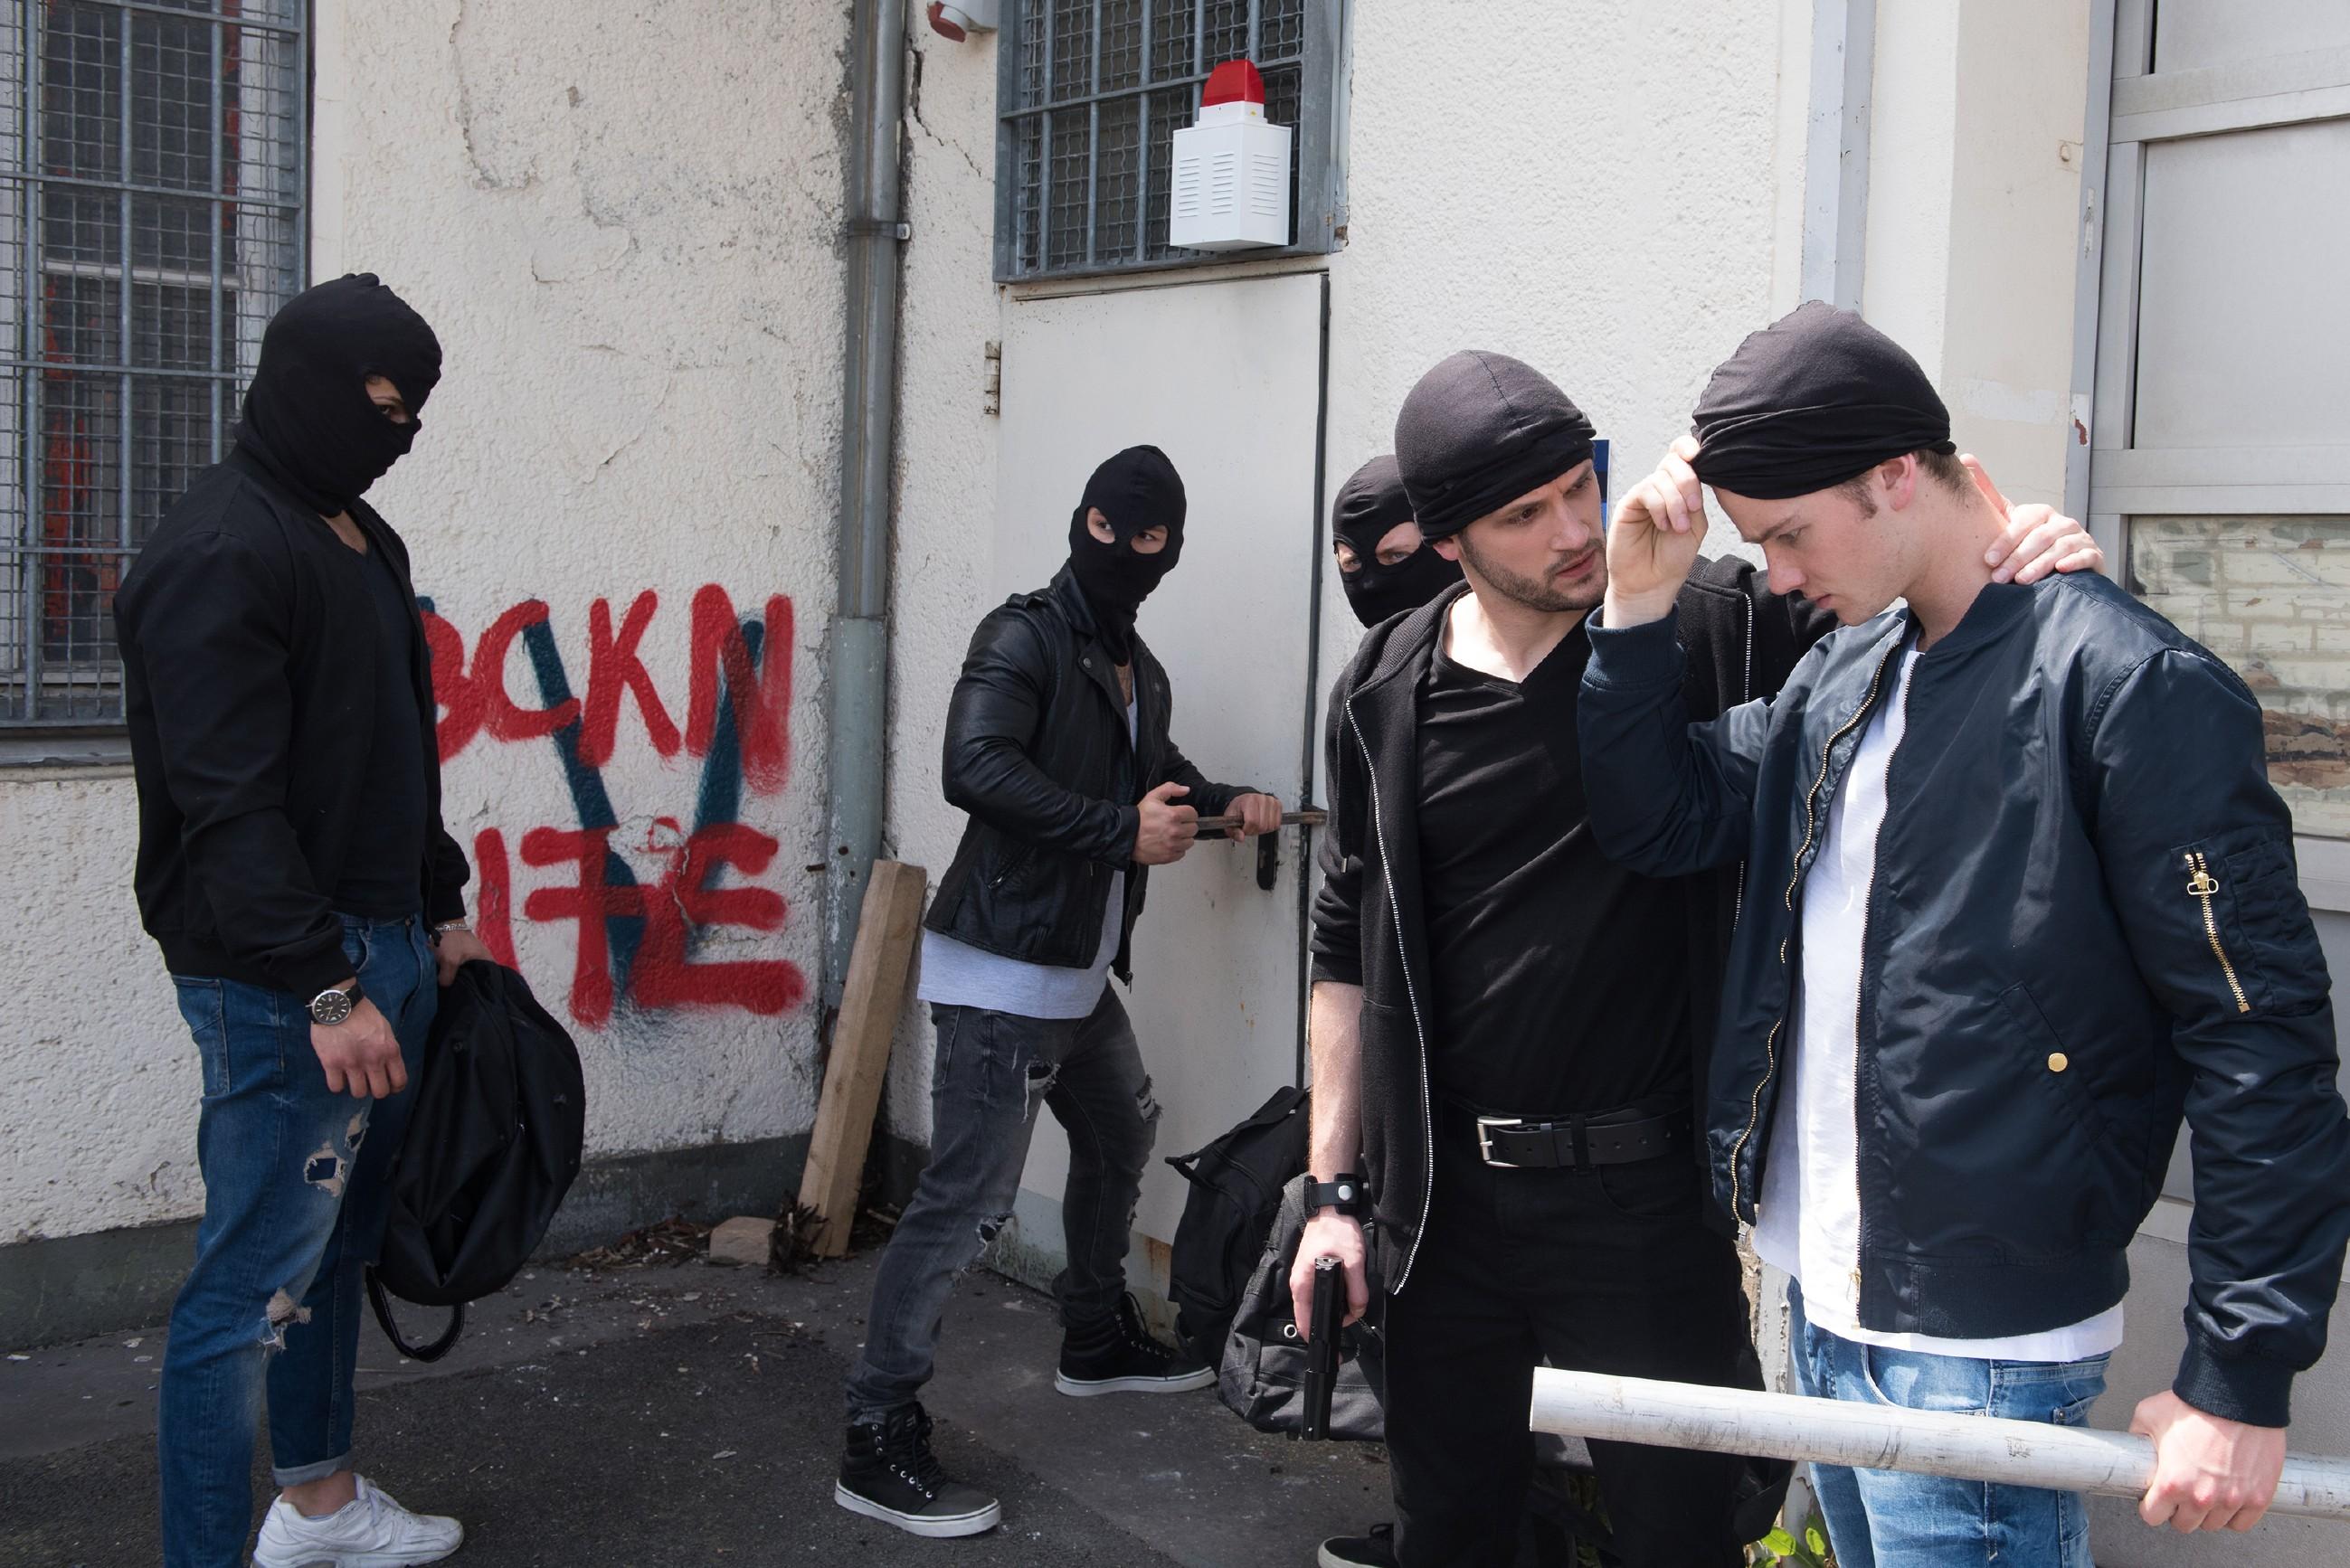 Valentin (Aaron Koszuta, r.) wird von Mario (Arne Rudolf, 2.v.r.) und seiner Gang (Komparsen) dazu gezwungen, sich an dem Einbruch zu beteiligen.